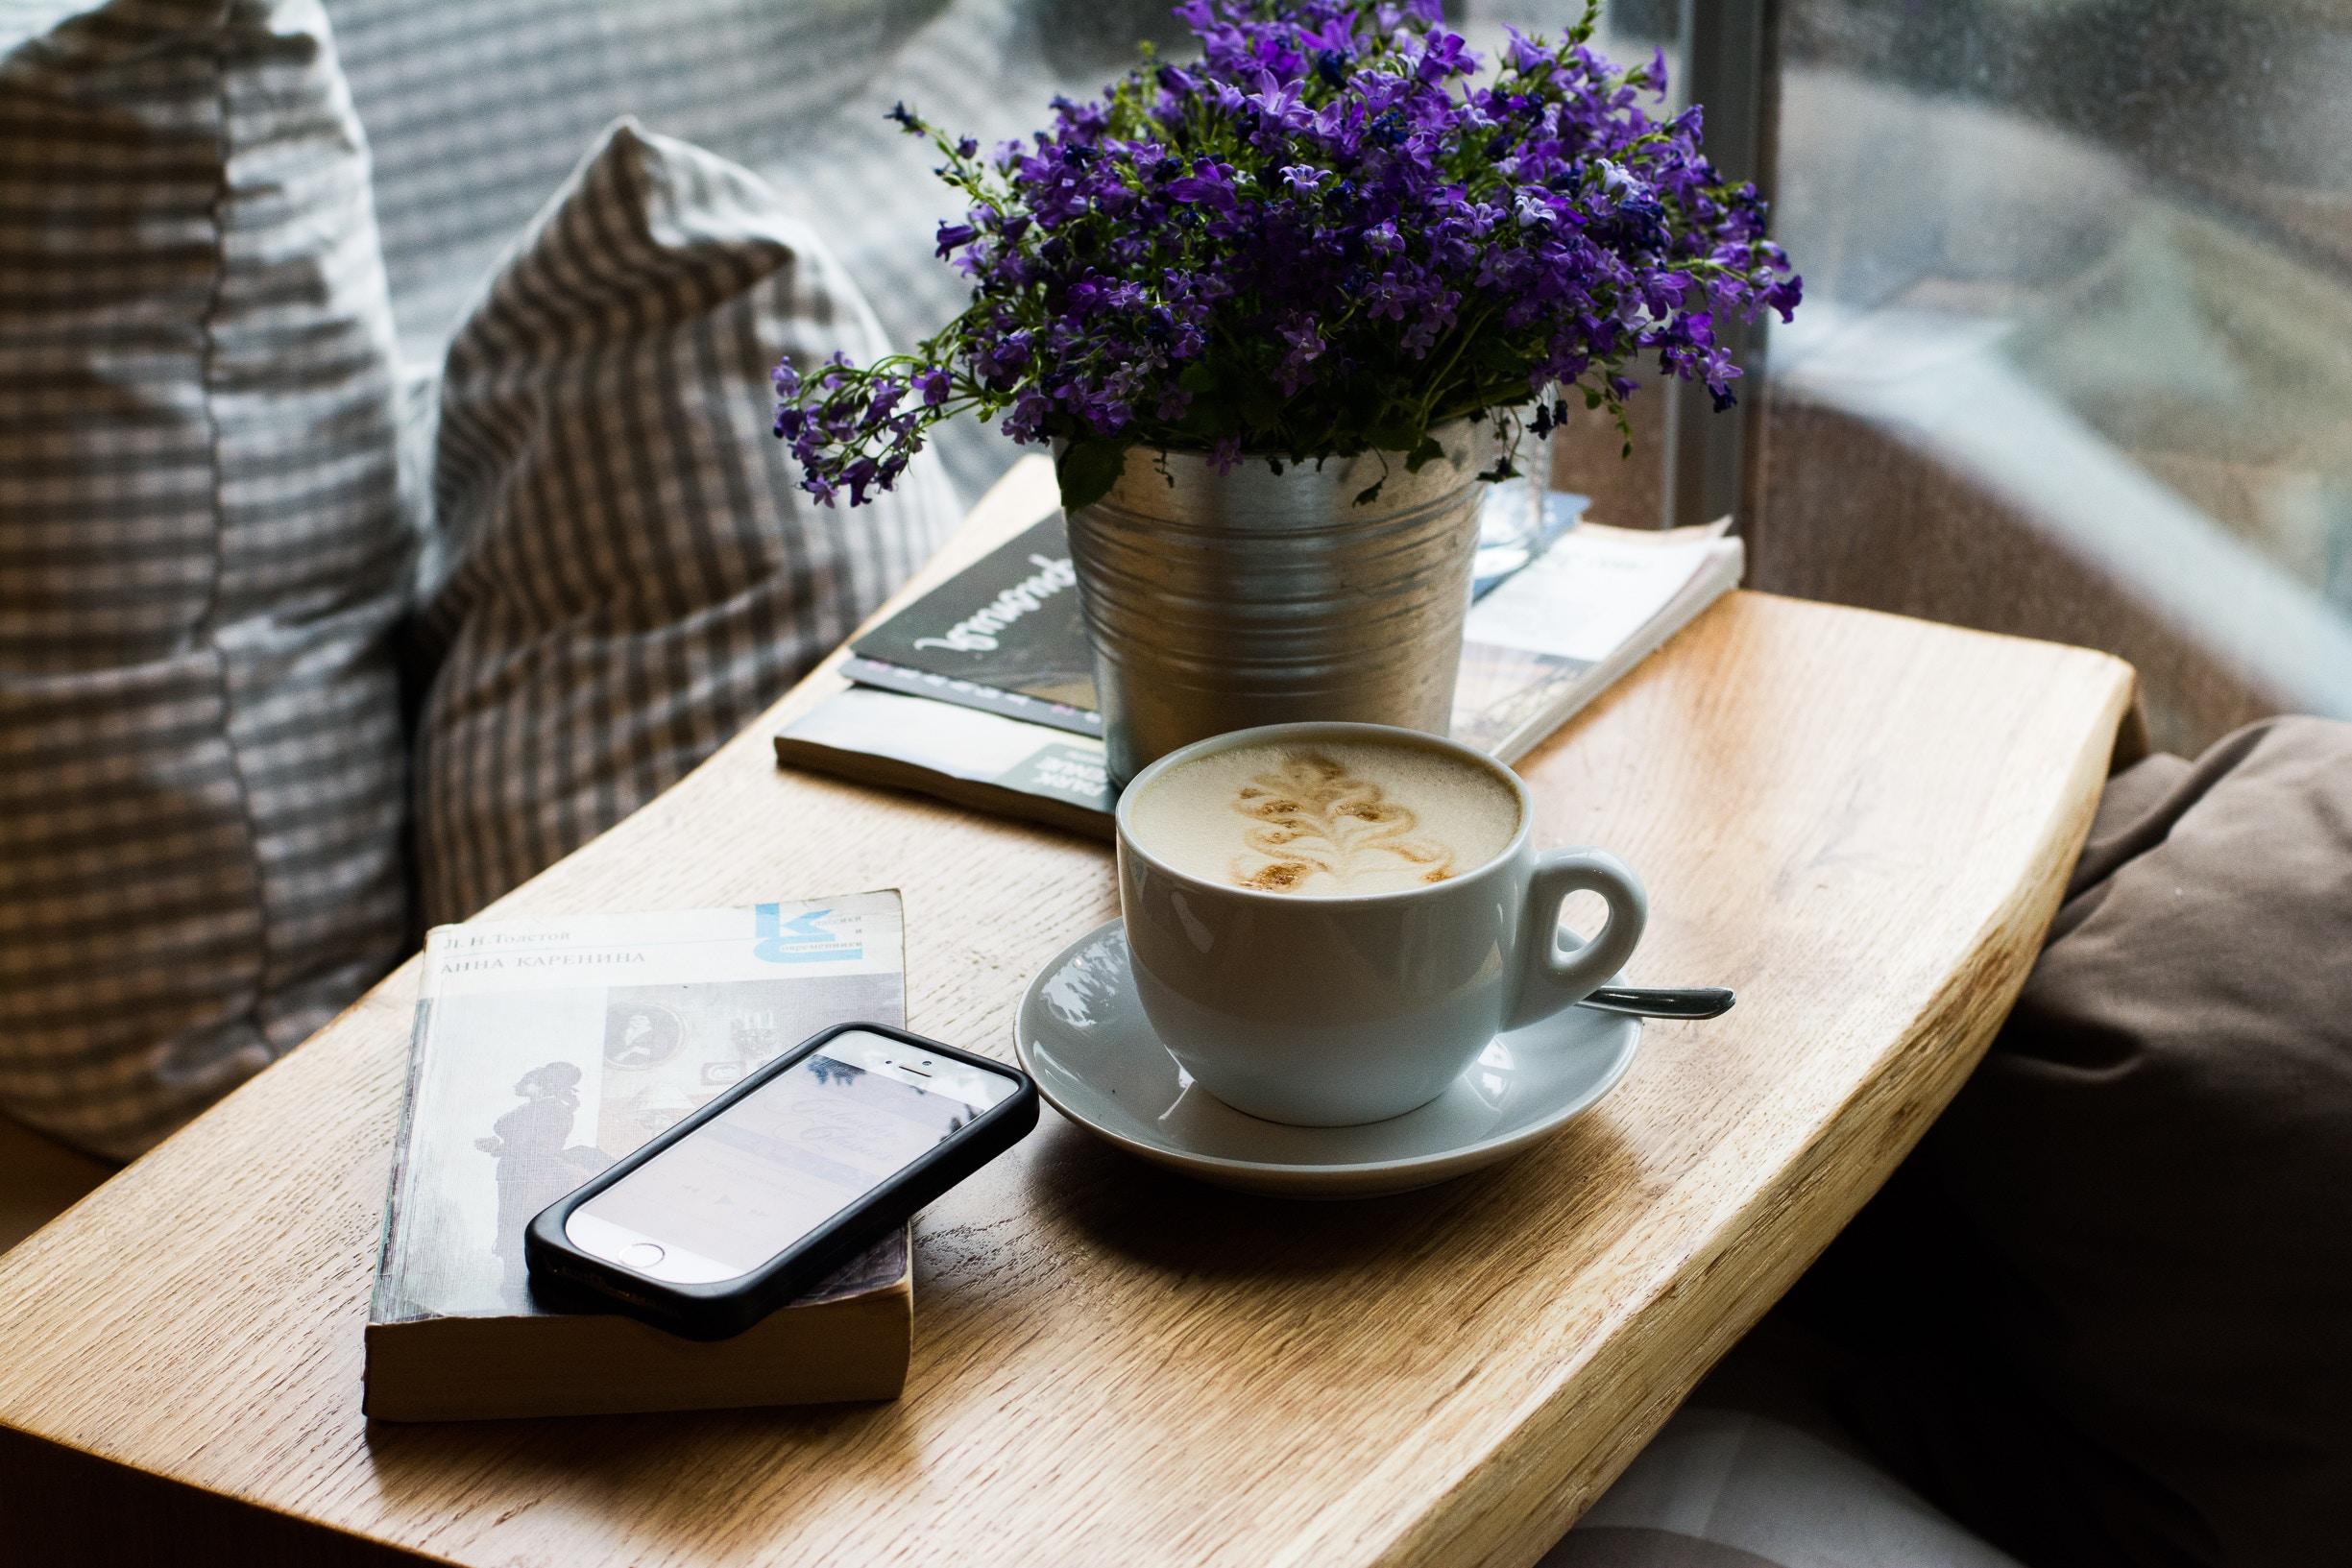 всю жизнь фото утреннего кофе на столе свадебной церемонии